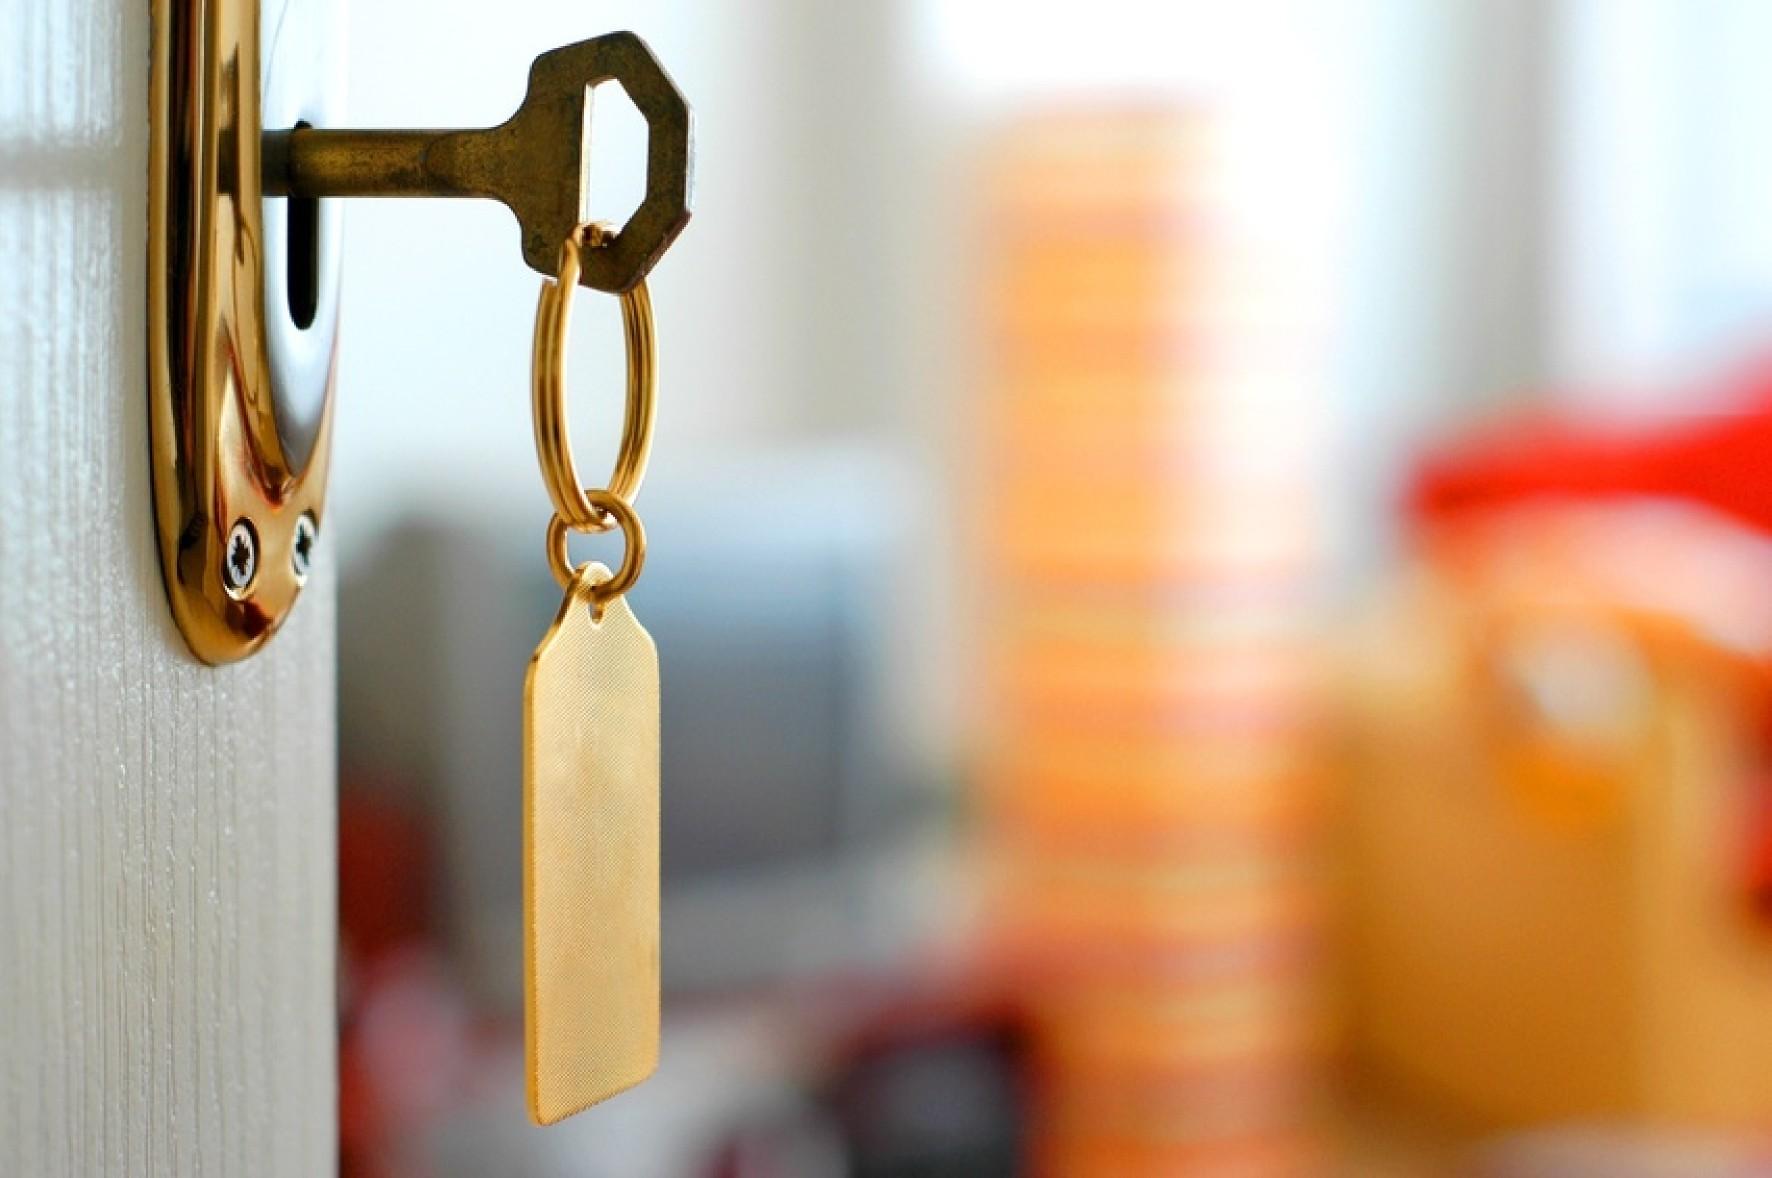 drzwi twój dom